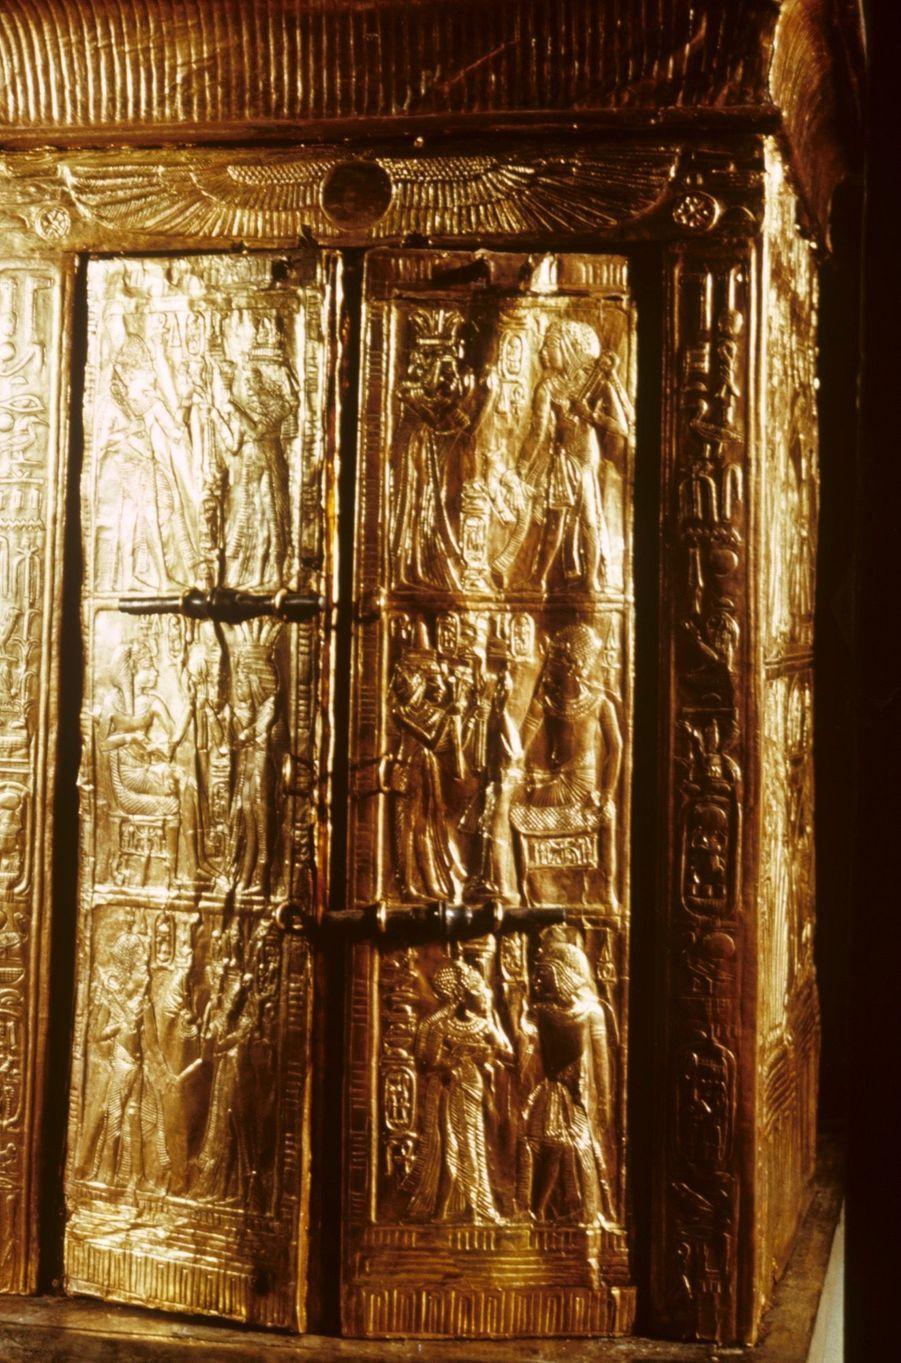 """""""Toutânkhamon et son temps"""" au Petit Palais en 1967 :Cet habitacle plaqué d'or devait contenir deux statues en or massif du Pharaon et de de sa femme représentés sur les portes."""